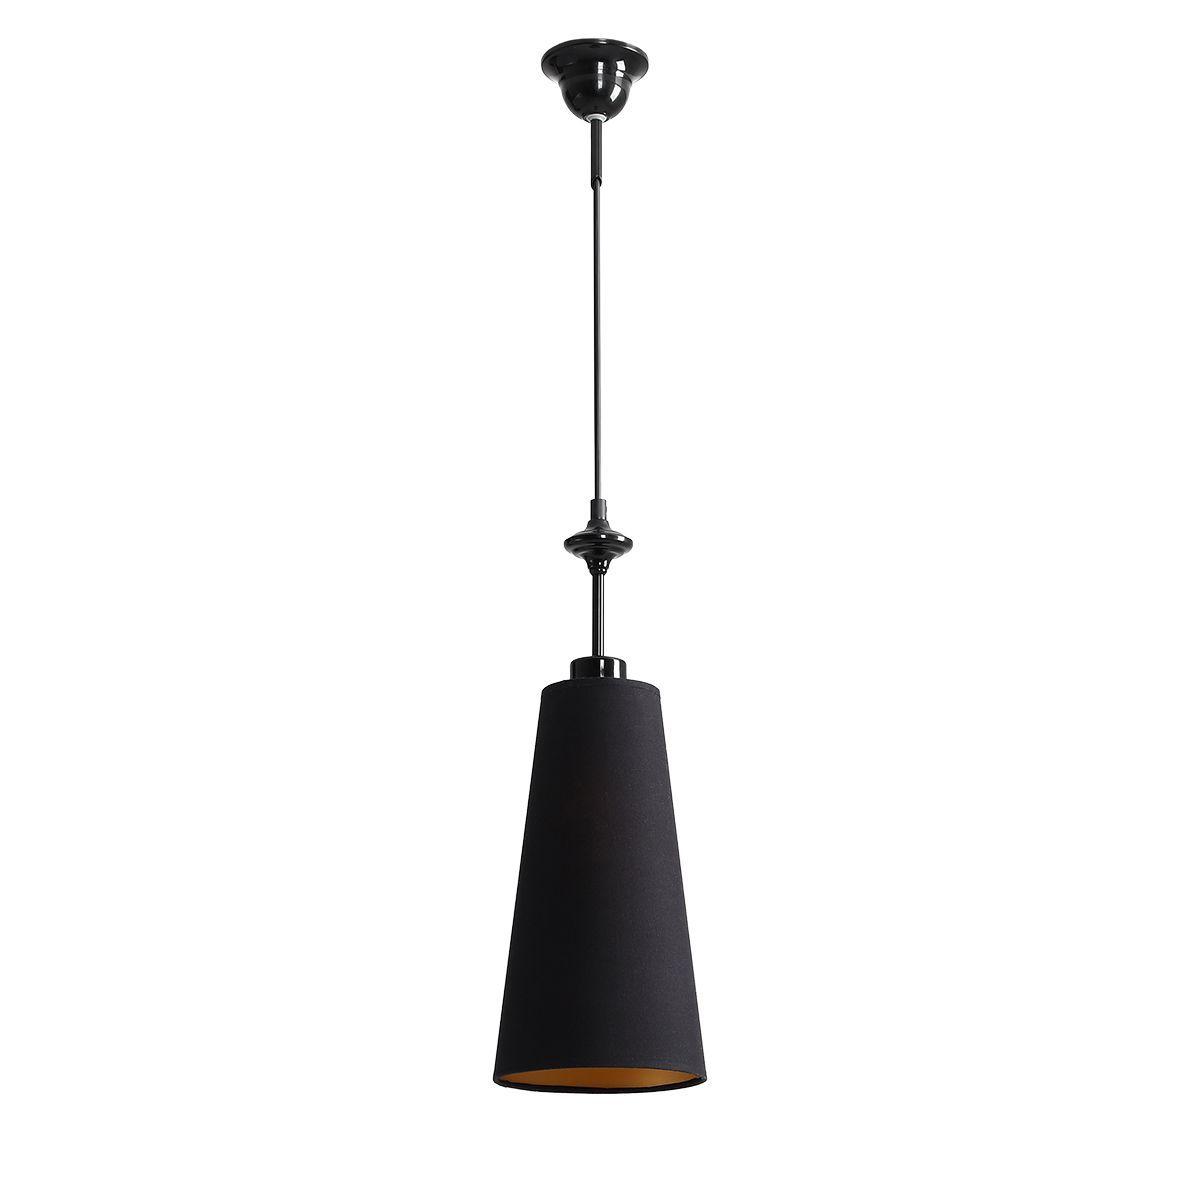 Lampa wisząca Aldex x1 ChoccoMały 933G/M